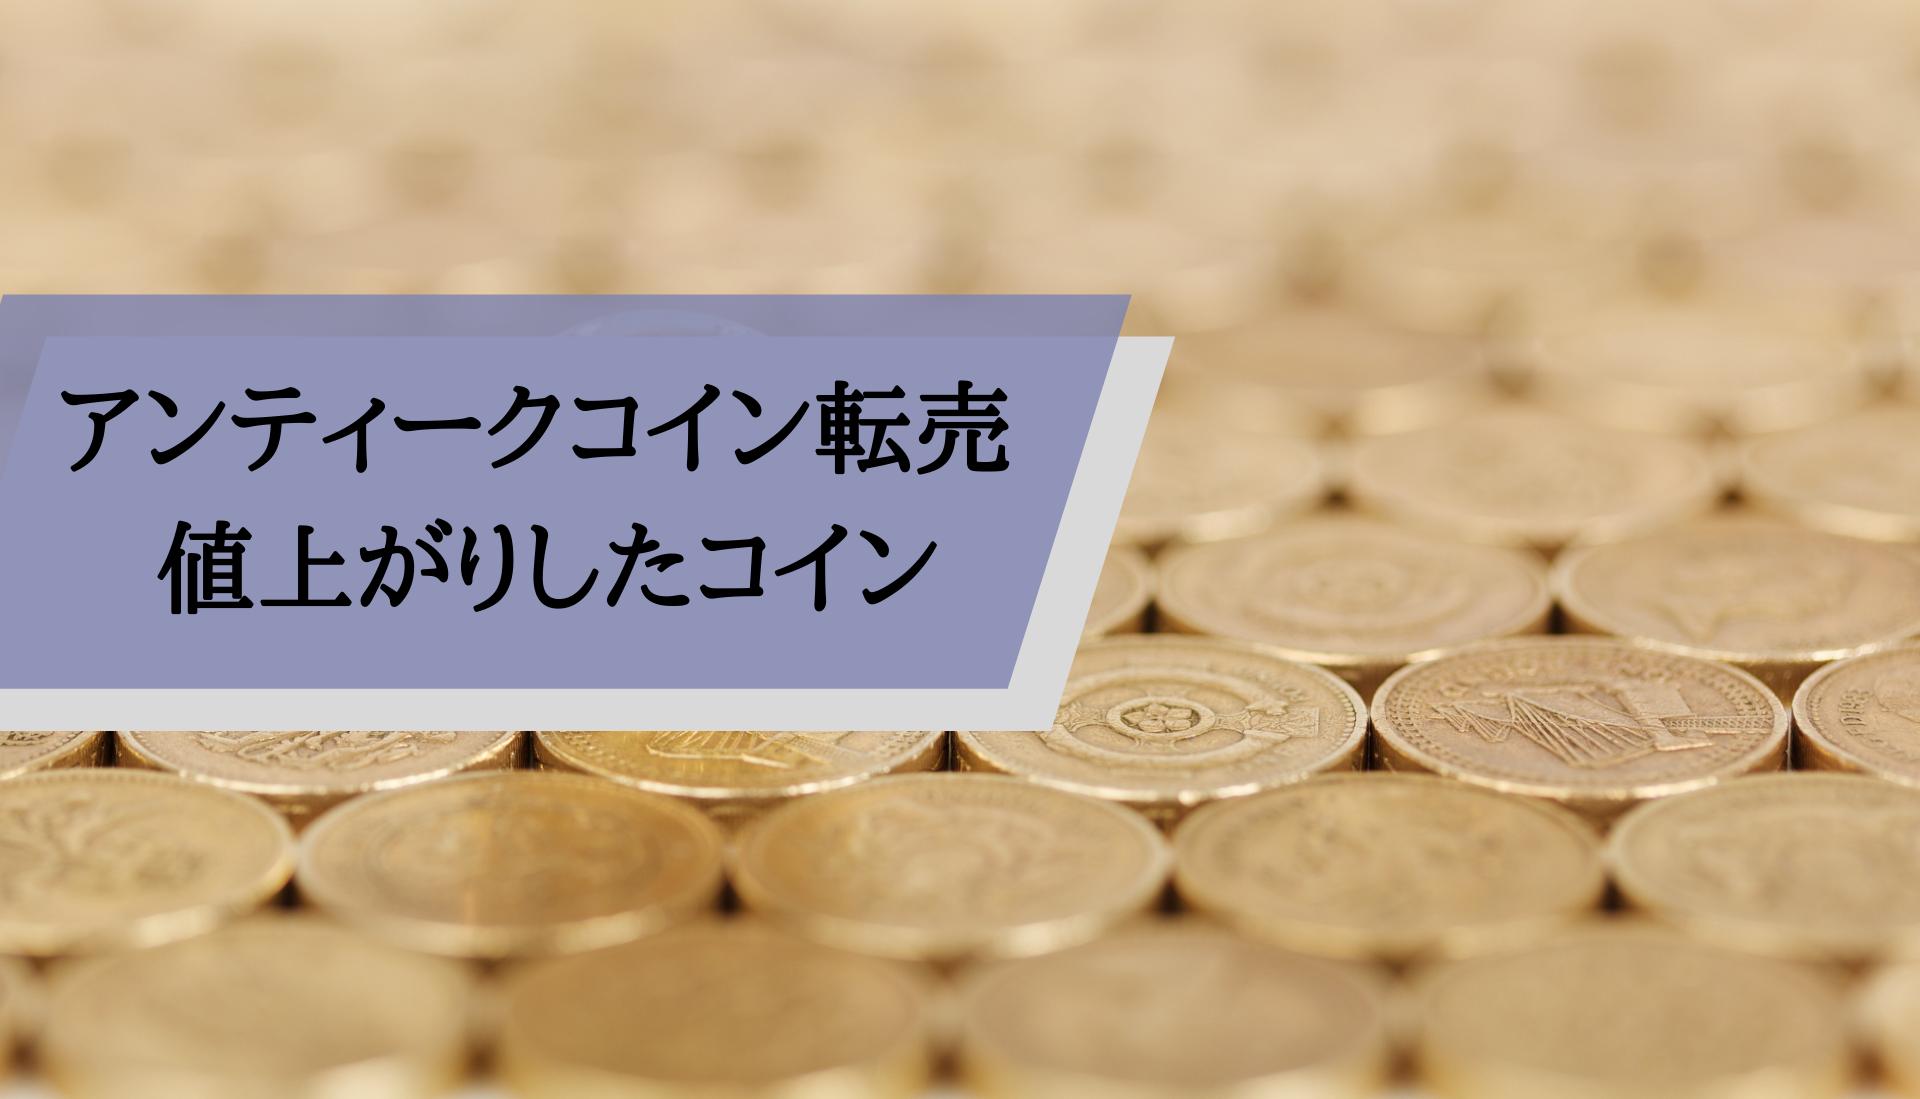 アンティークコイン転売_値上がりしたコイン